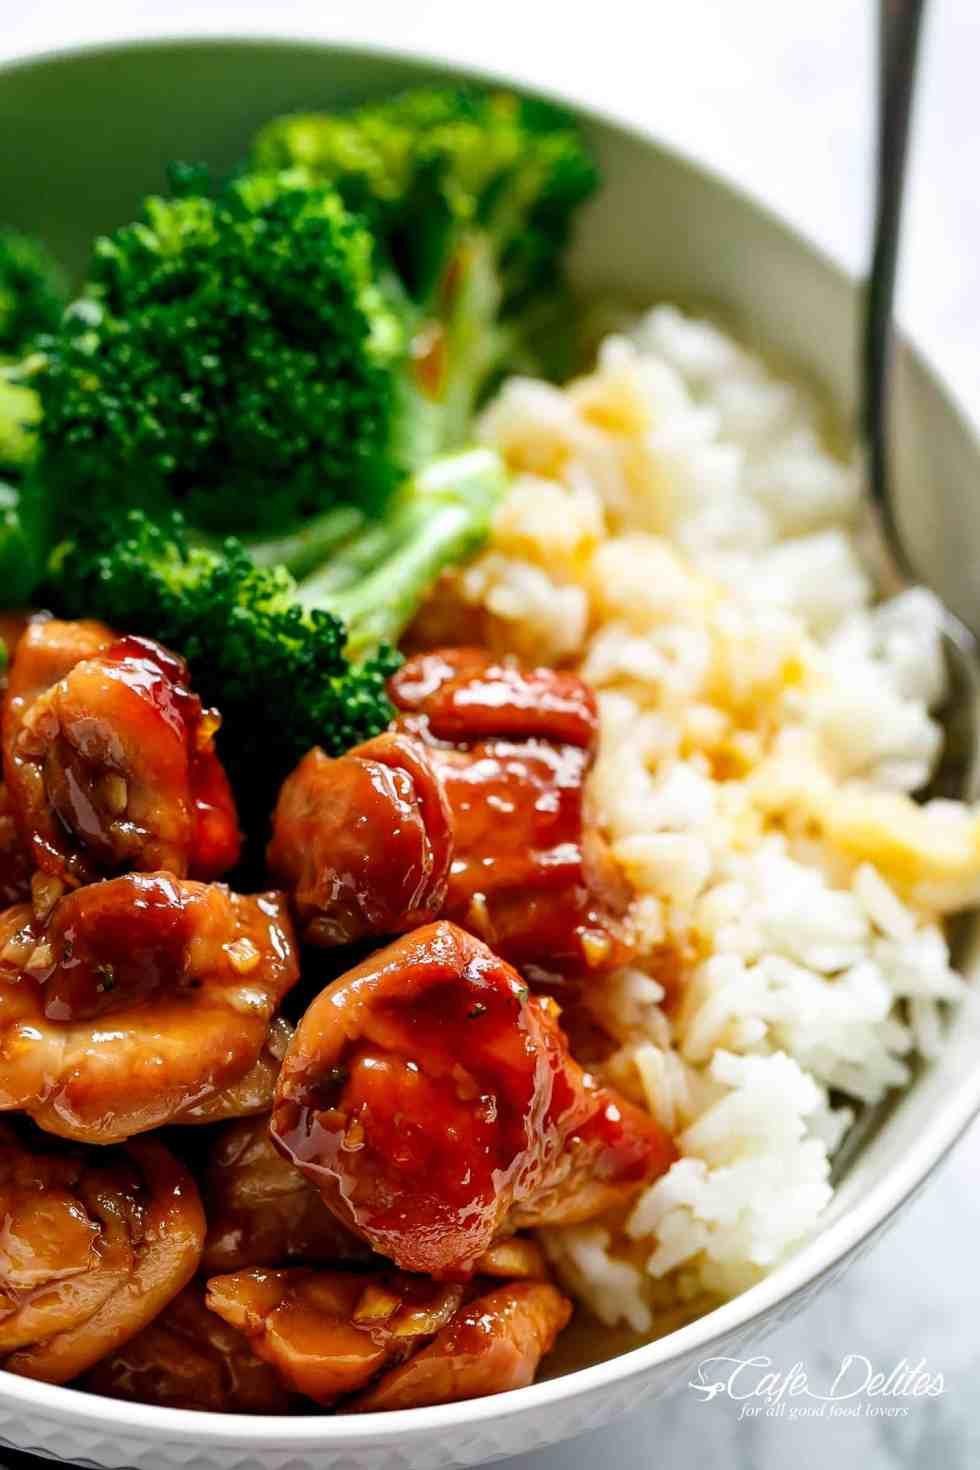 Teriyaki Chicken Cafe Delites